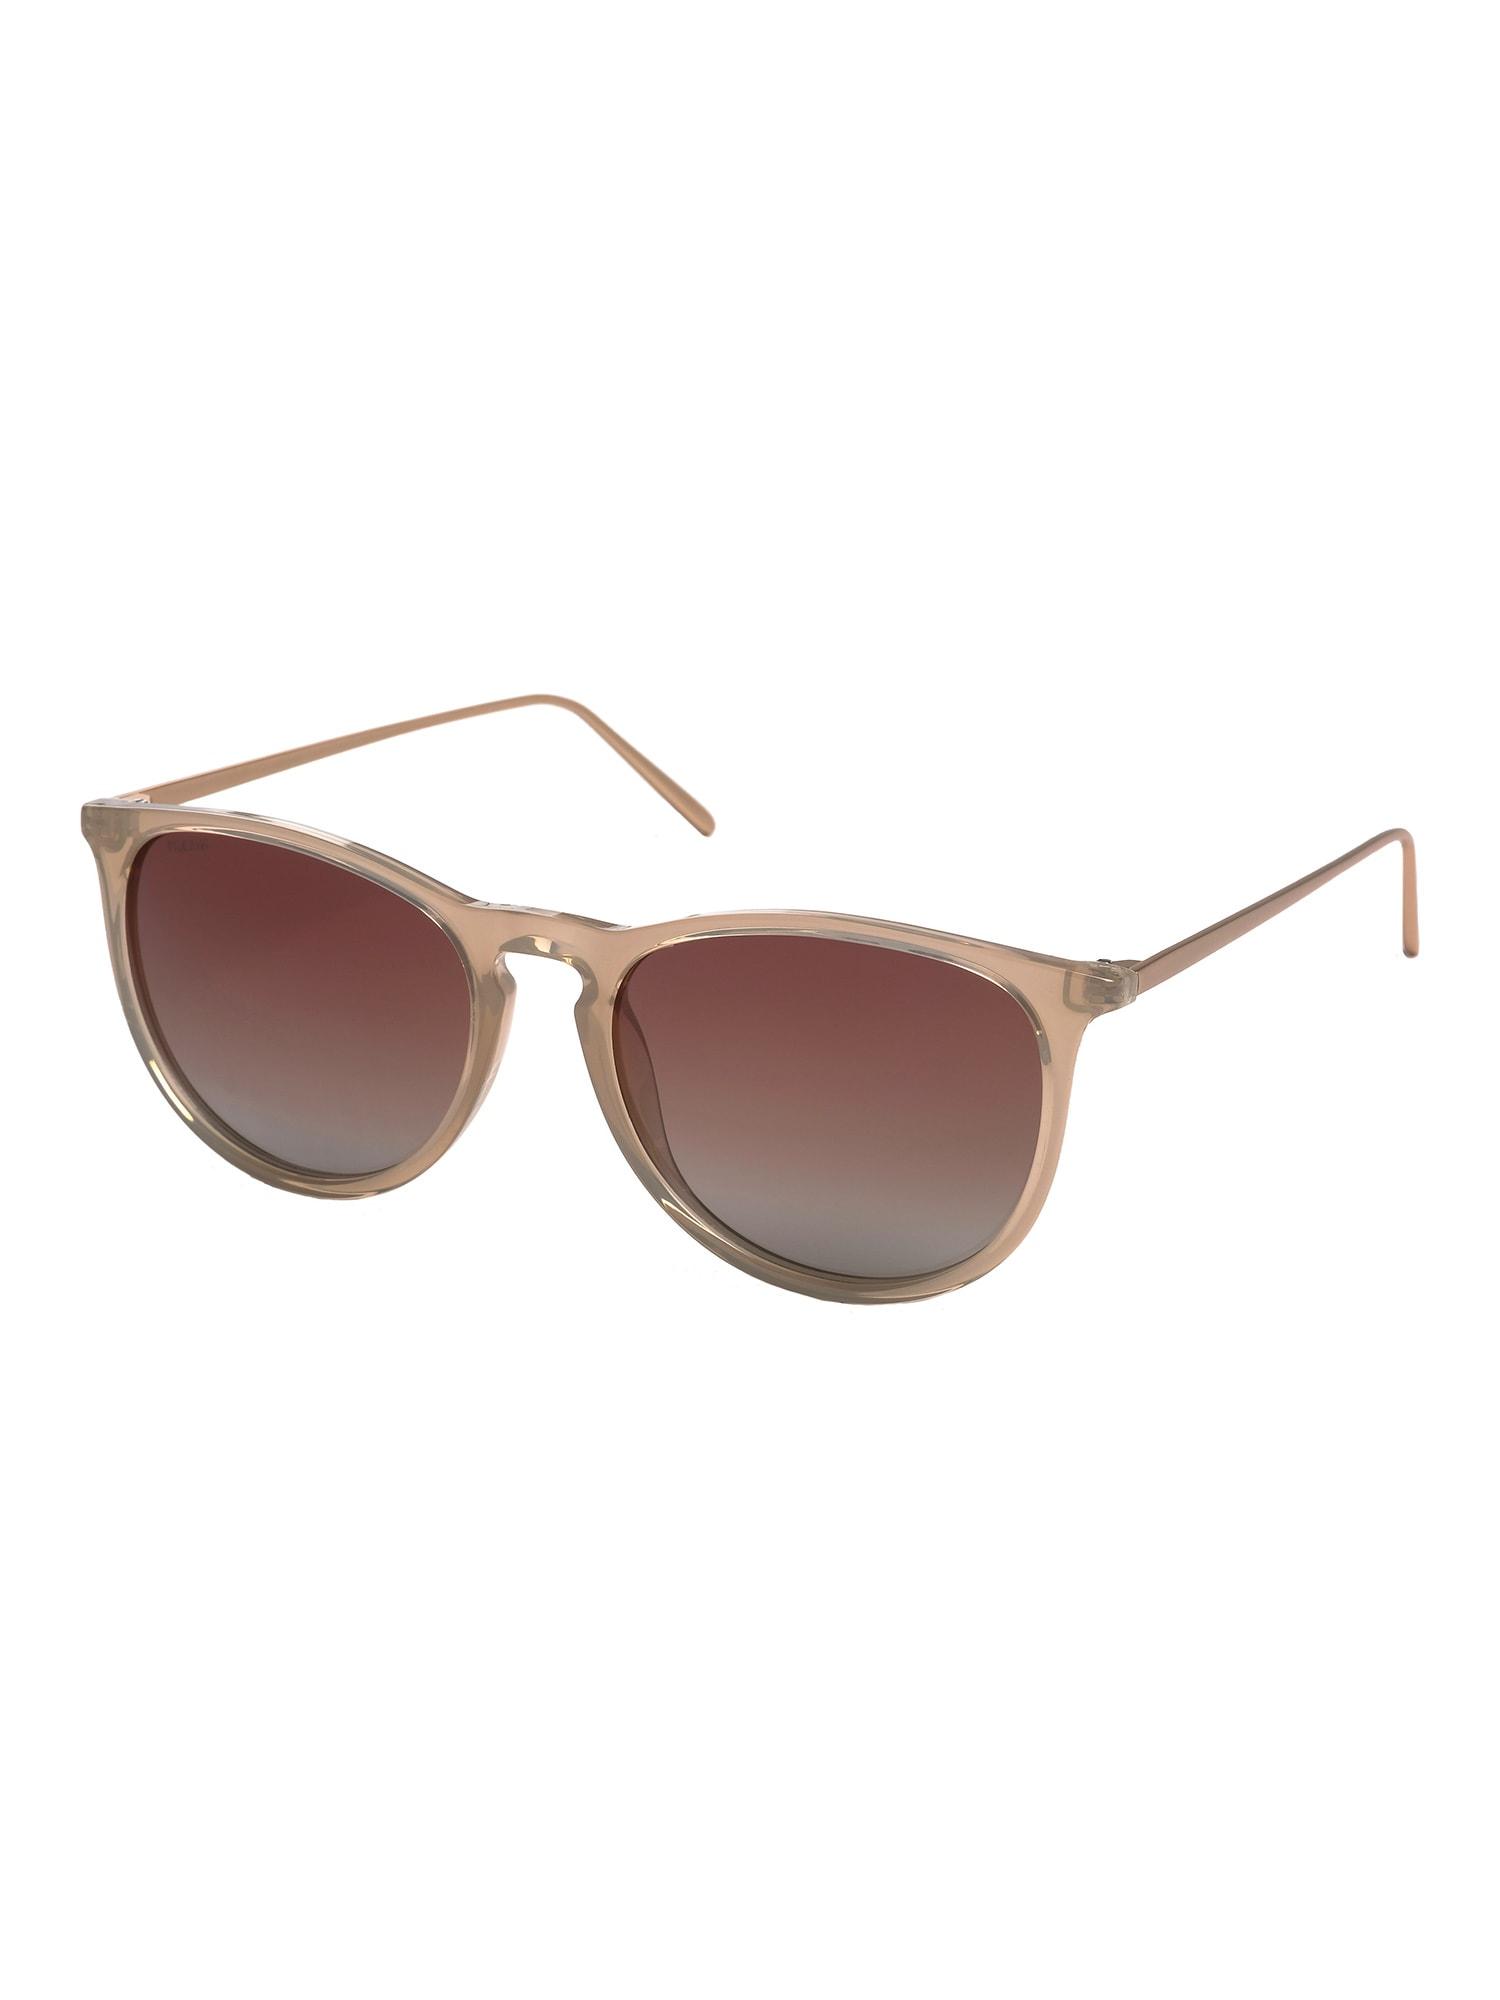 Sluneční brýle Vanille béžová Pilgrim